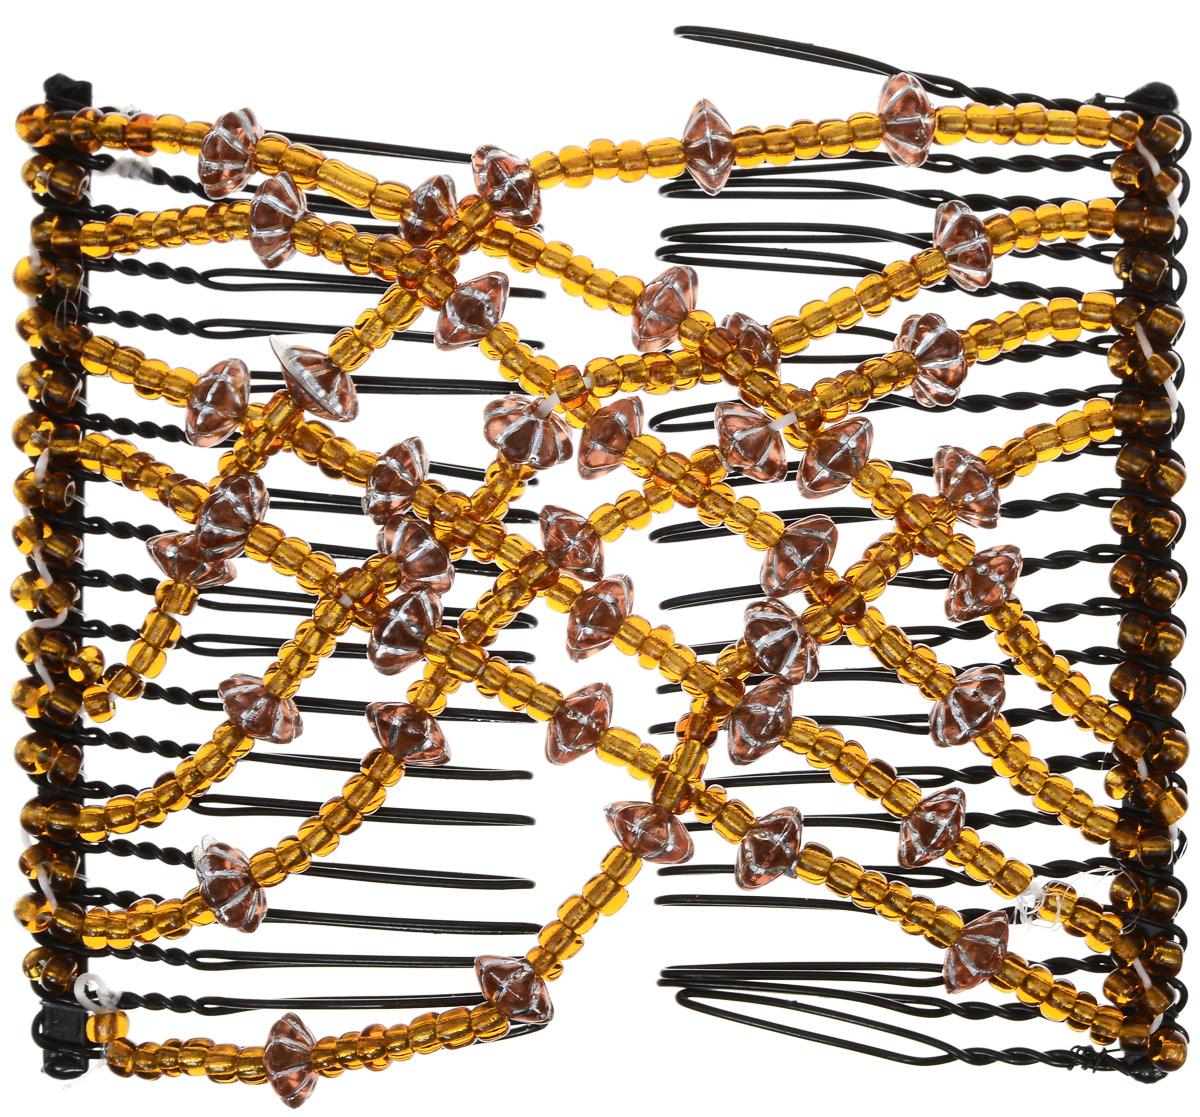 EZ-Combs Заколка Изи-Комбс, одинарная, цвет: коричневый. ЗИО_цветок с серебромЗИО_коричневый, цветок с серебромУдобная и практичная EZ-Combs подходит для любого типа волос: тонких, жестких, вьющихся или прямых, и не наносит им никакого вреда. Заколка не мешает движениям головы и не создает дискомфорта, когда вы отдыхаете или управляете автомобилем. Каждый гребень имеет по 20 зубьев для надежной фиксации заколки на волосах! И даже во время бега и интенсивных тренировок в спортзале EZ-Combs не падает; она прочно фиксирует прическу, сохраняя укладку в первозданном виде. Небольшая и легкая заколка для волос EZ-Combs поместится в любой дамской сумочке, позволяя быстро и без особых усилий создавать неповторимые прически там, где вам это удобно. Гребень прекрасно сочетается с любой одеждой: будь это классический или спортивный стиль, завершая гармоничный облик современной леди. И неважно, какой образ жизни вы ведете, если у вас есть EZ-Combs, вы всегда будете выглядеть потрясающе.